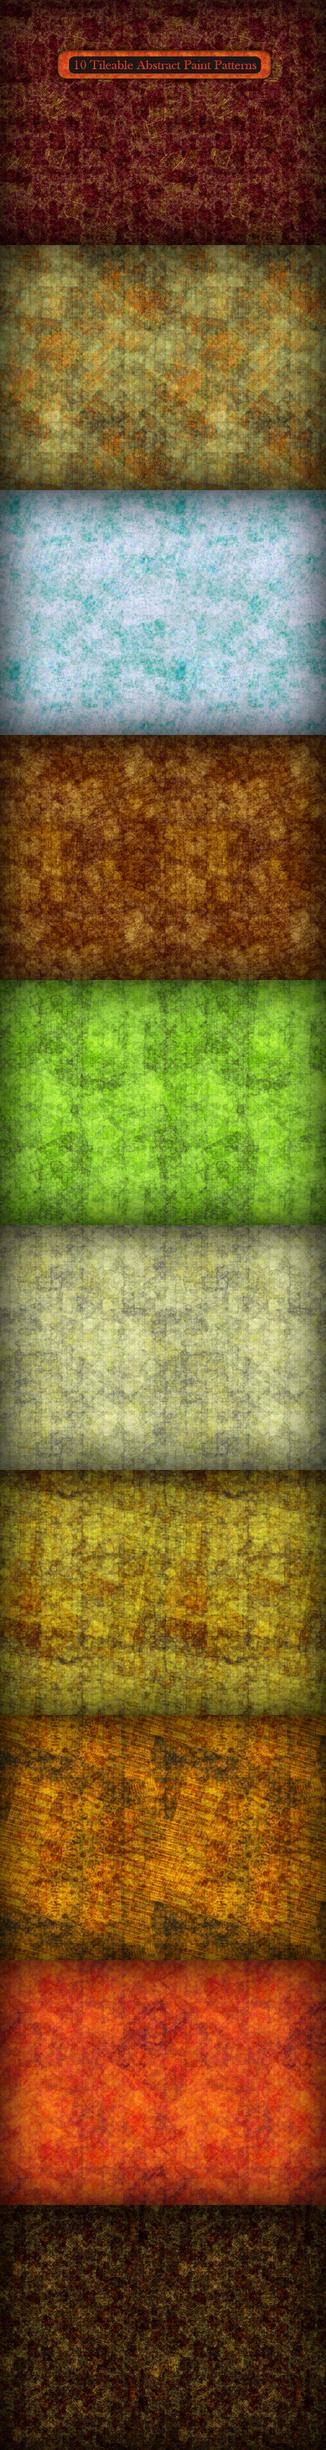 10 Abstract Paint Textures by MuzikizumWeb